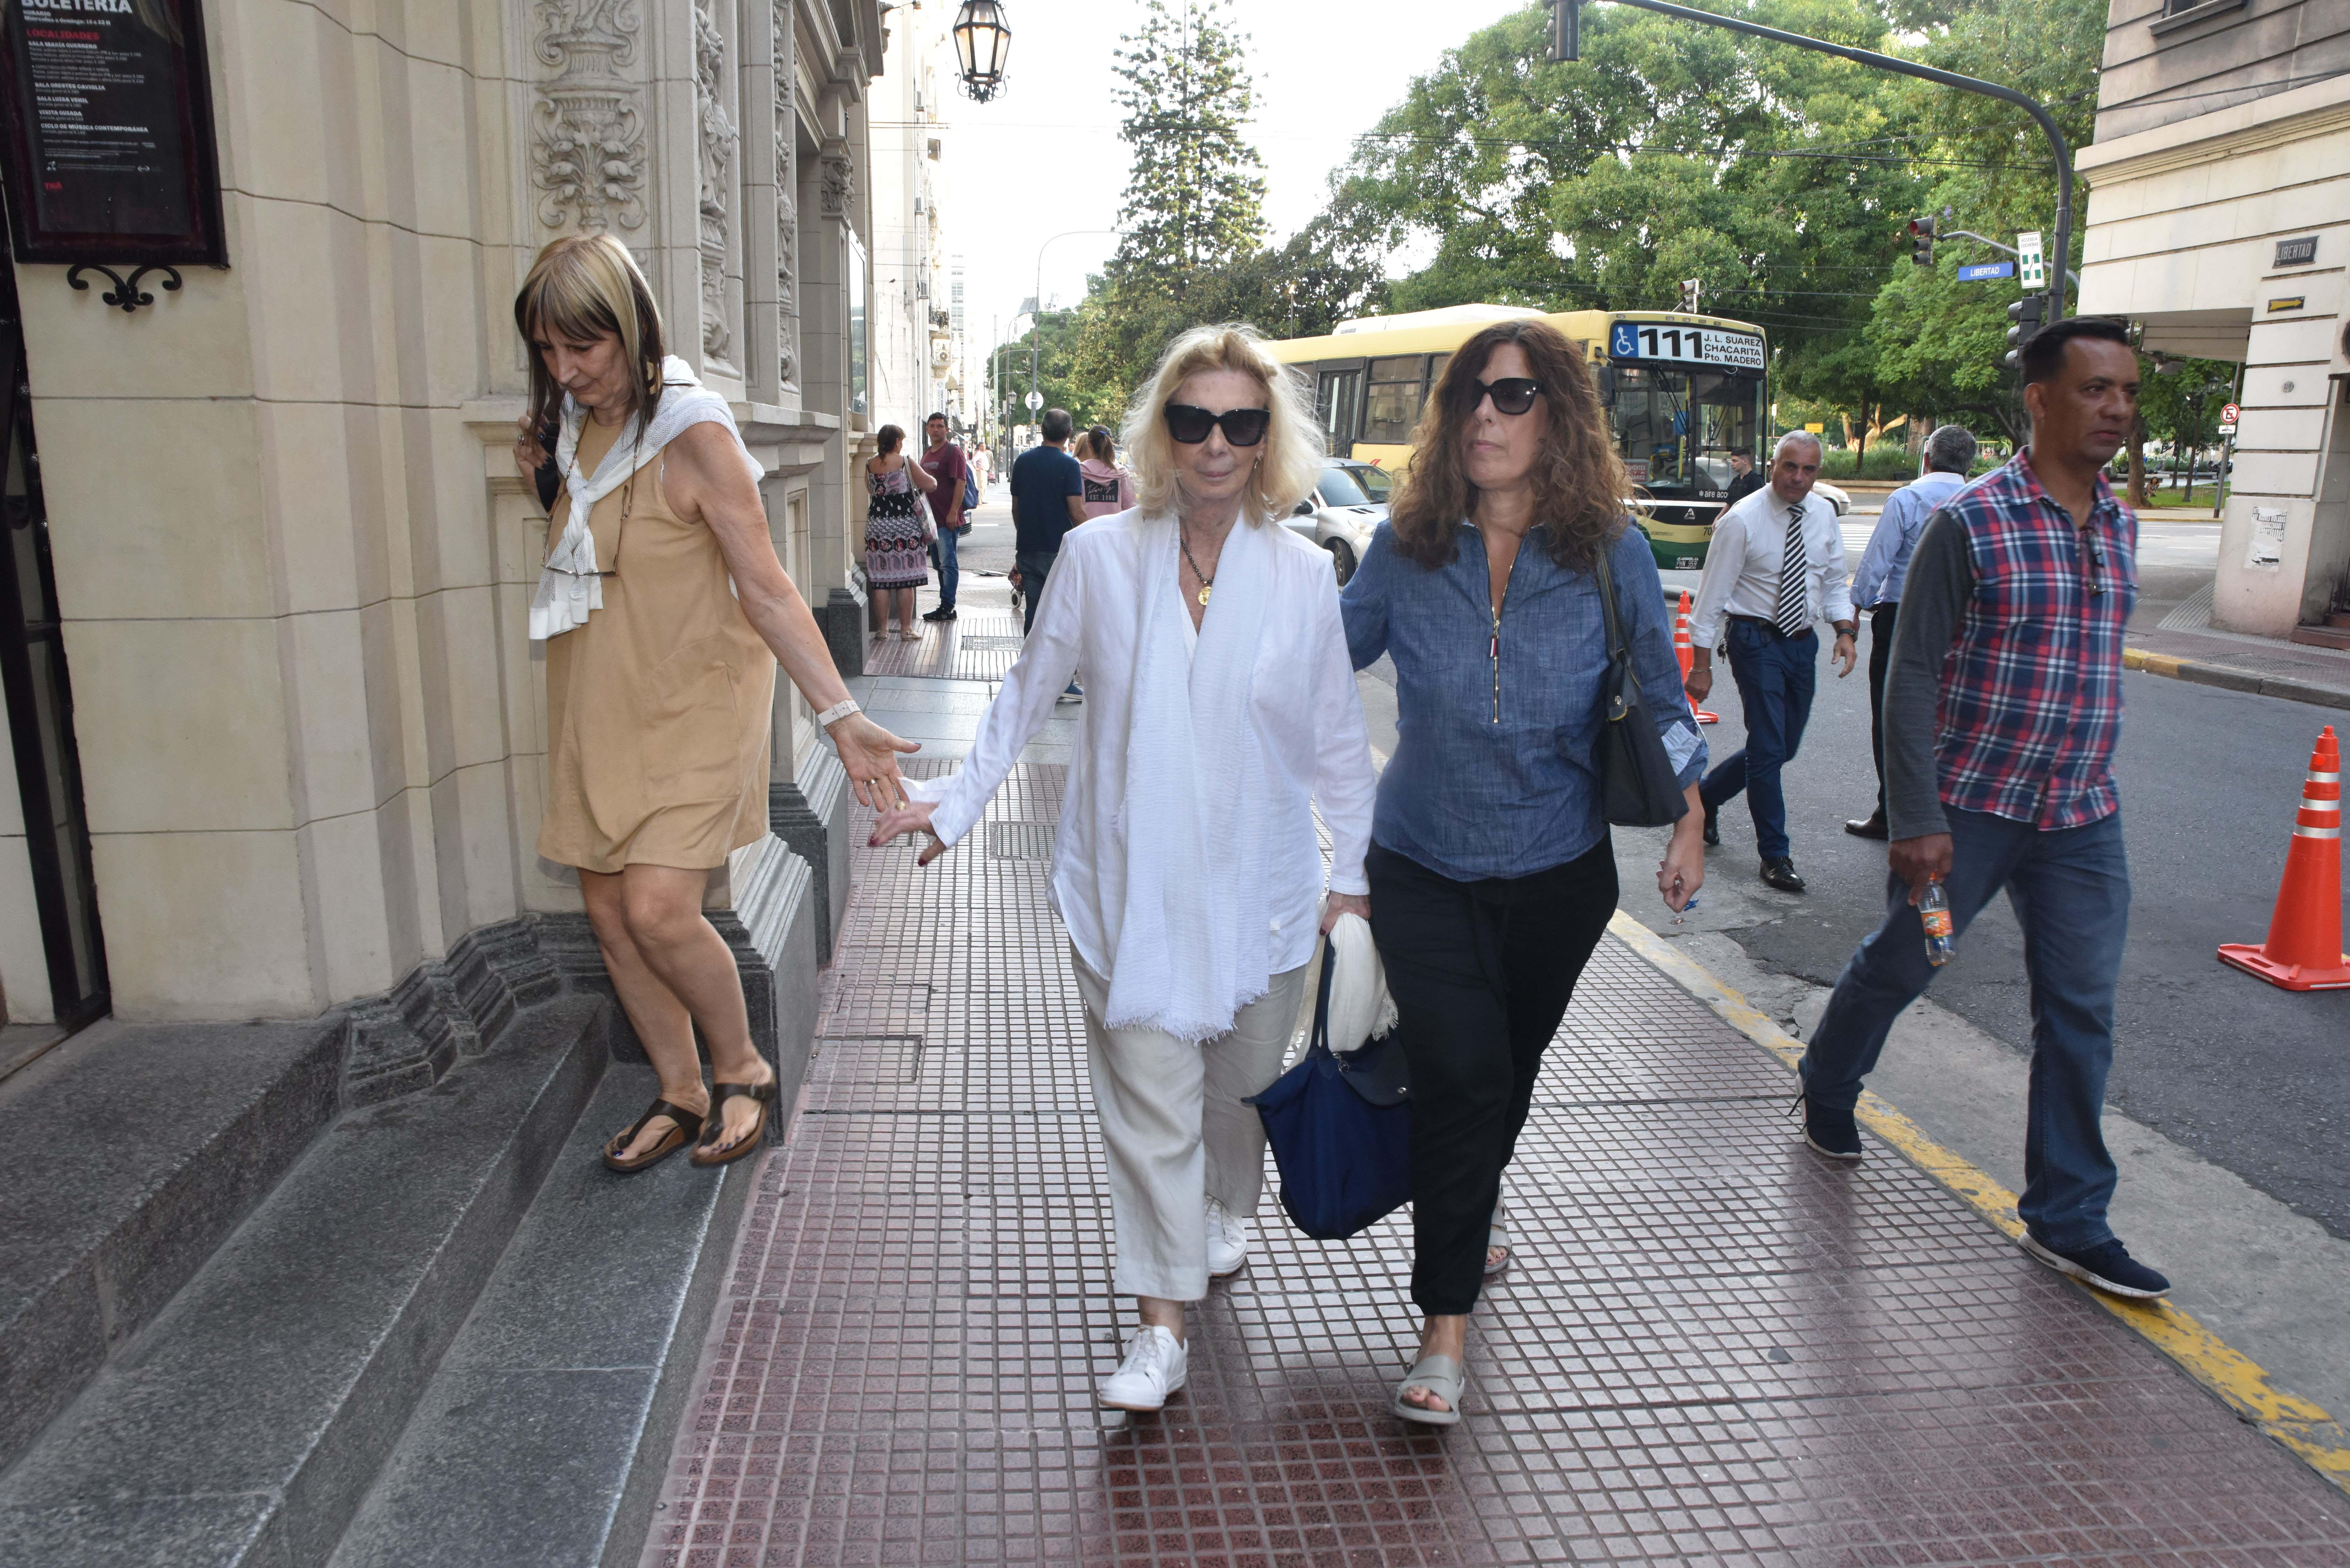 Graciela Dufau tuvo que se internada en el Sanatorio de los Arcos tras la muerte de su marido, pero fue dada de alta y asistió al velatorio